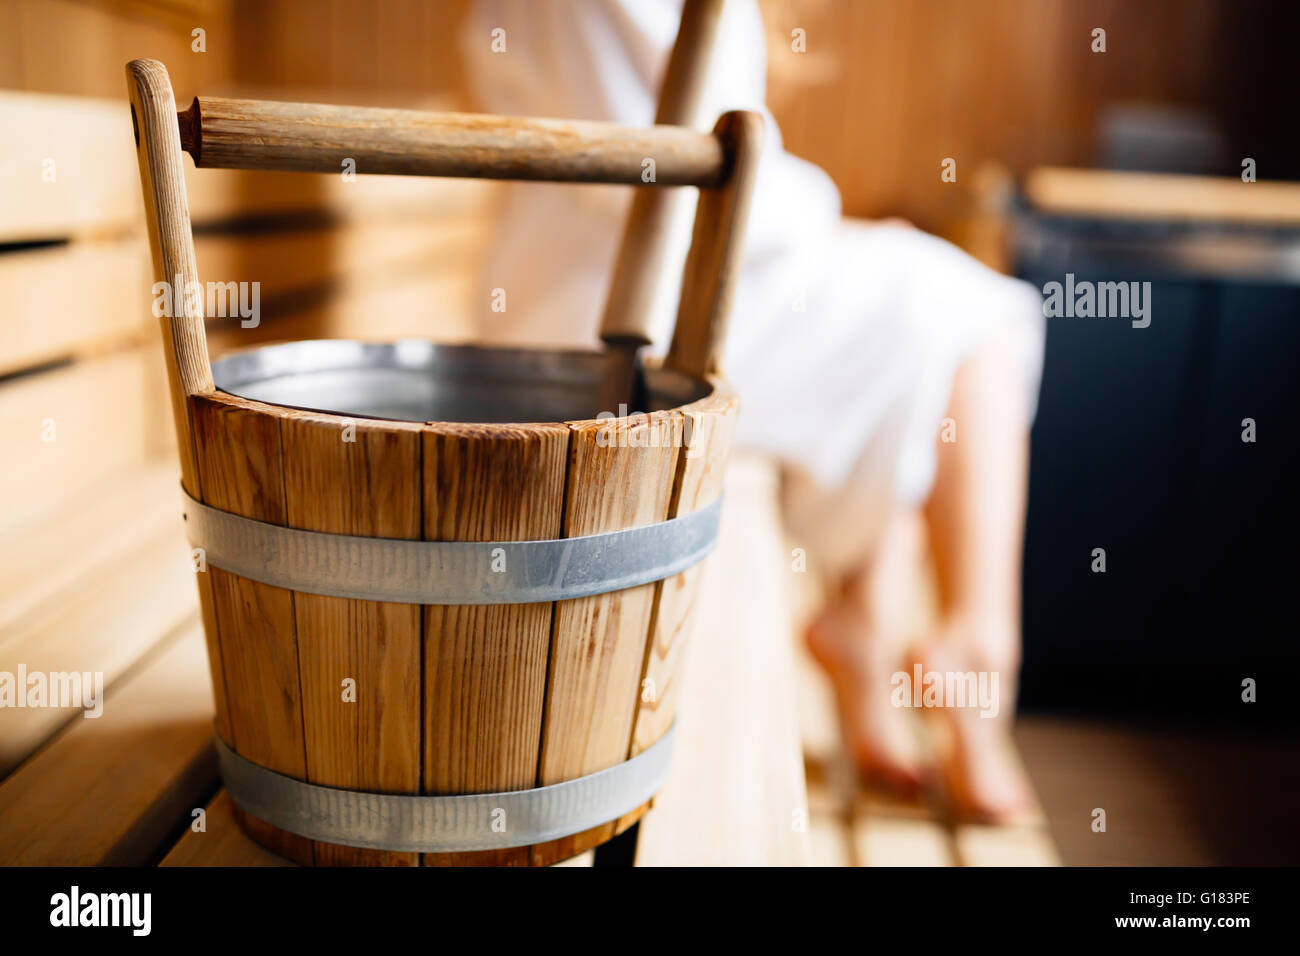 Finnish wooden sauna bucket - Stock Image